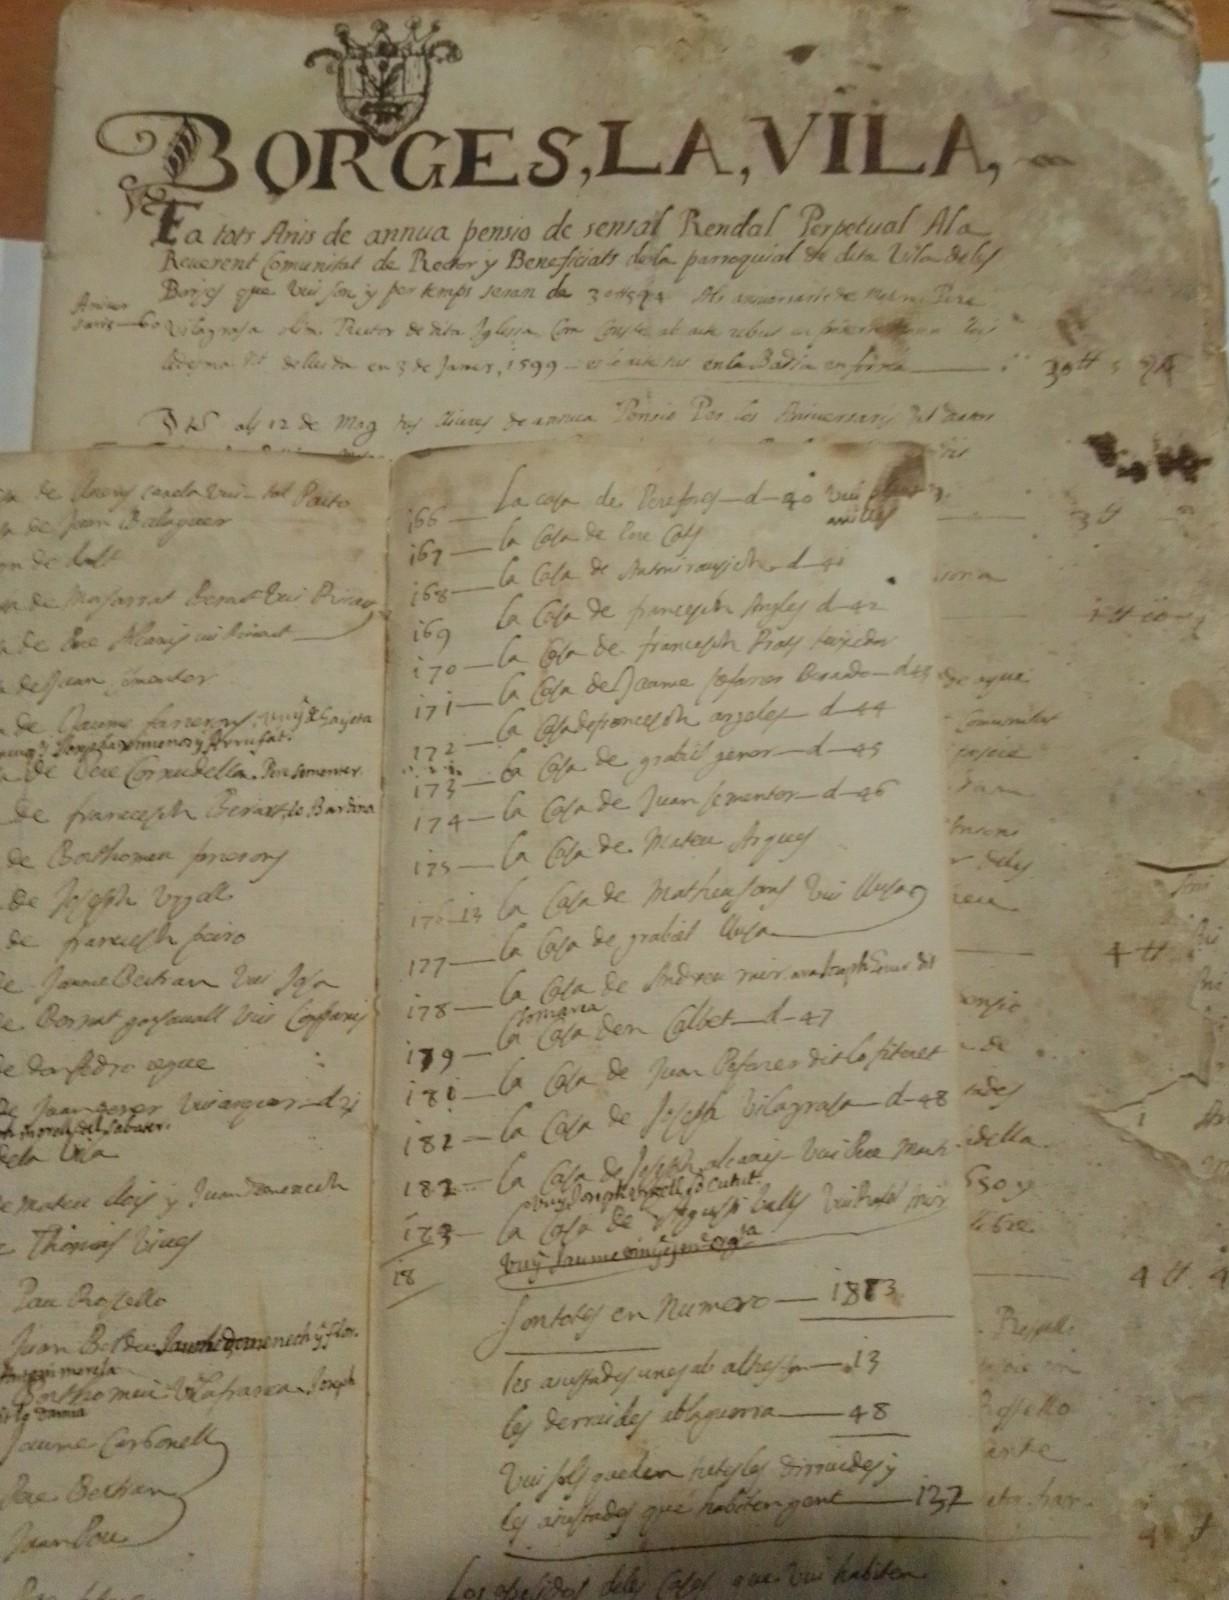 L'Espai Macià de les Borges rep la donació d'un padró d'habitants del segle XVII i de diversos projectes de l'enginyer Eduard Mias